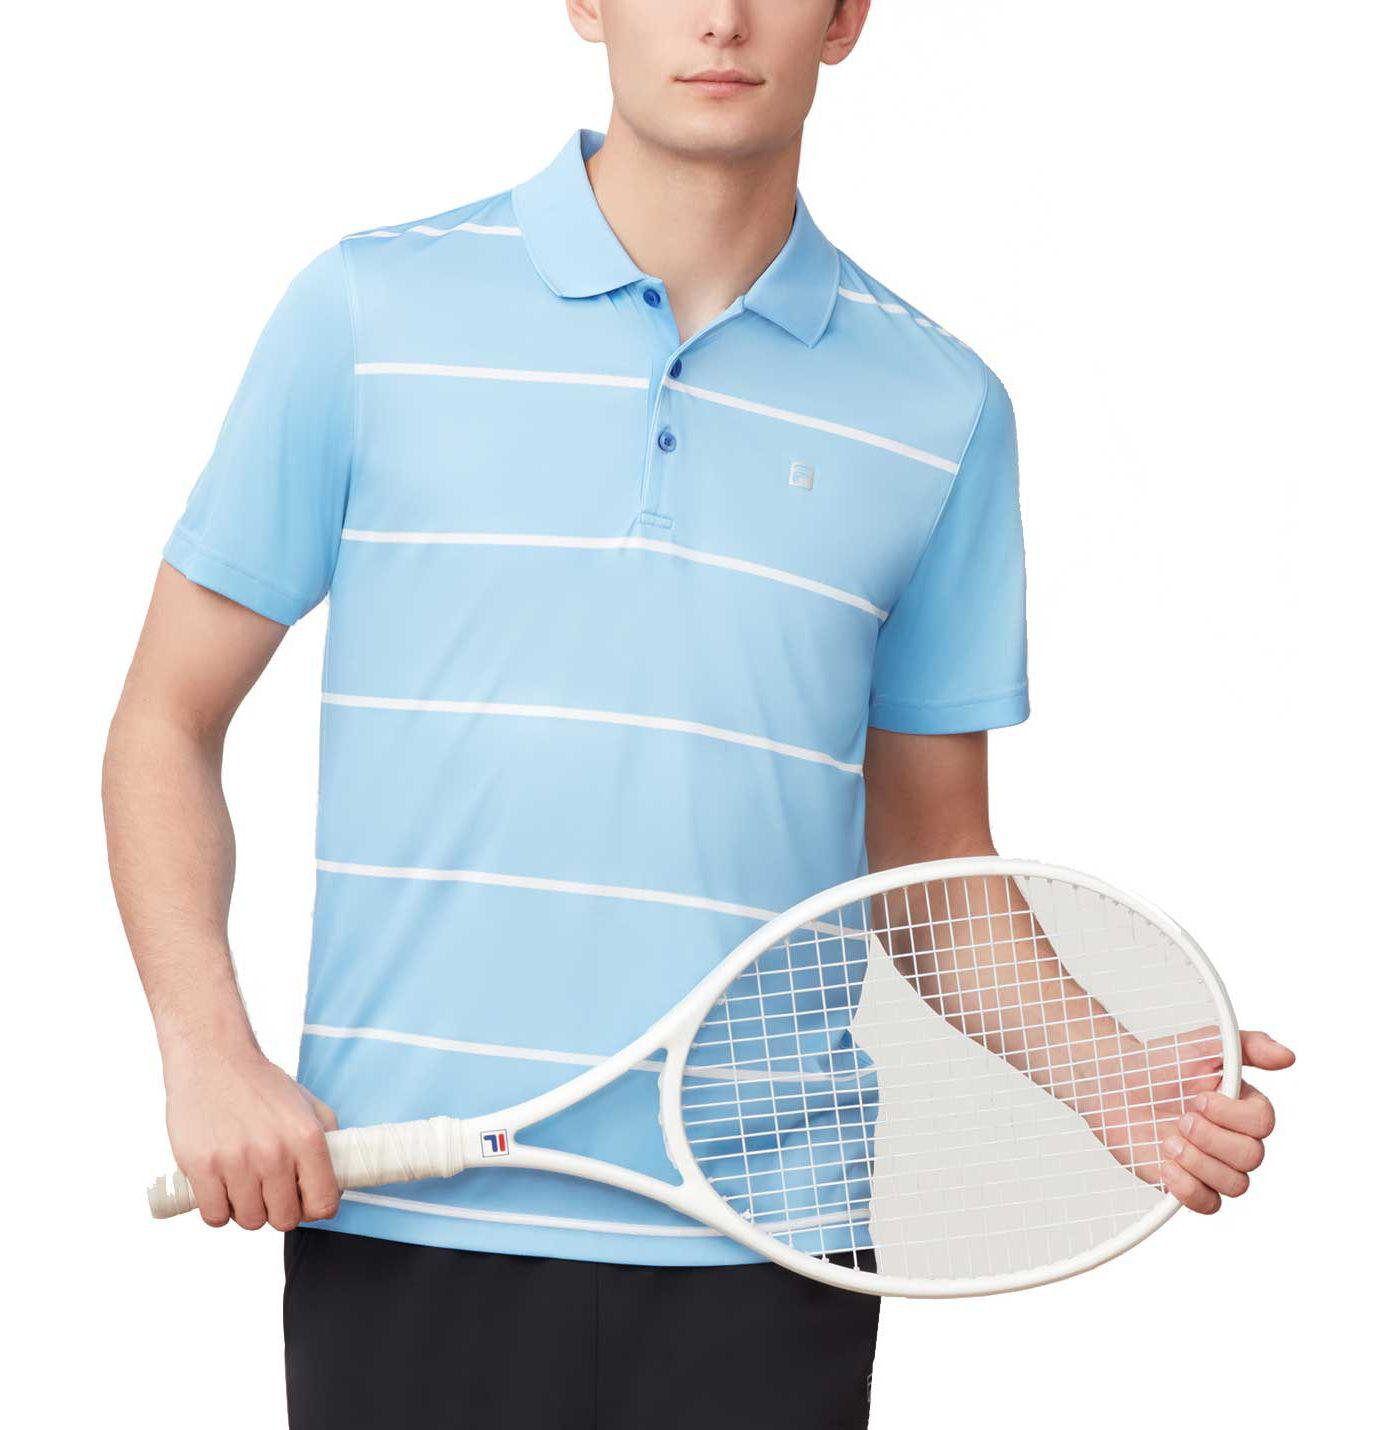 Fila Men's Set Point Striped Tennis Polo